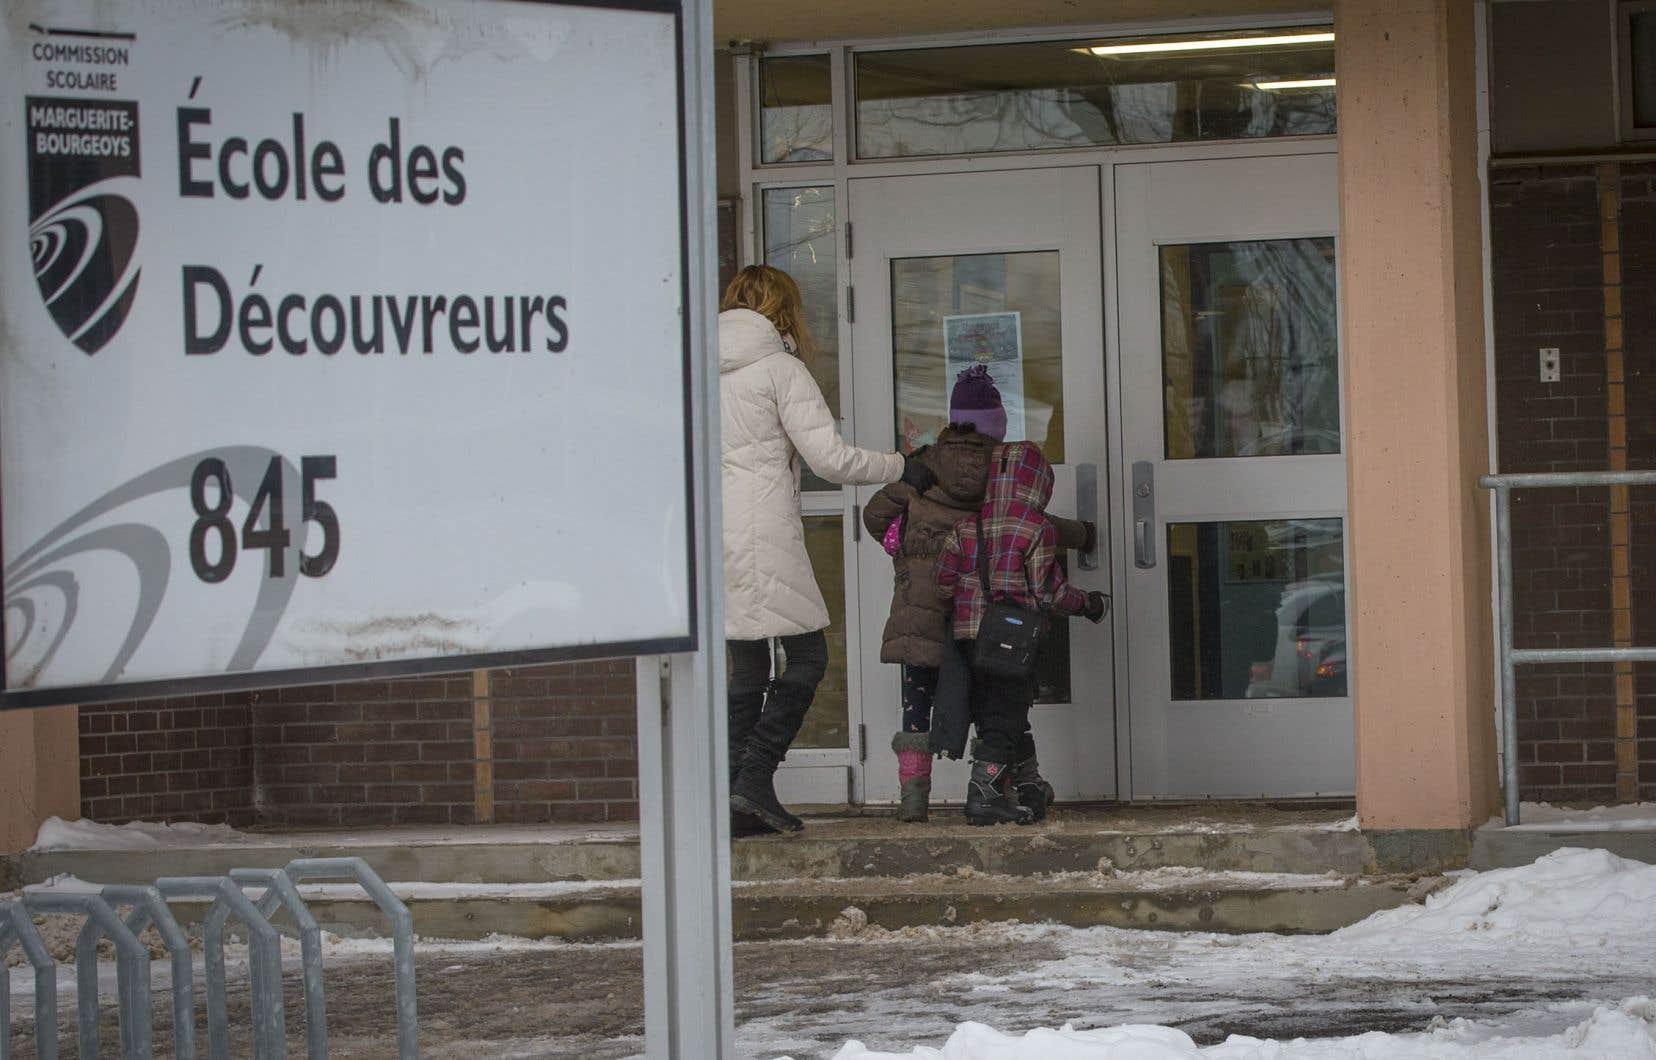 Les écoliers étaient de retour en classe mercredi à l'école des Découvreurs.